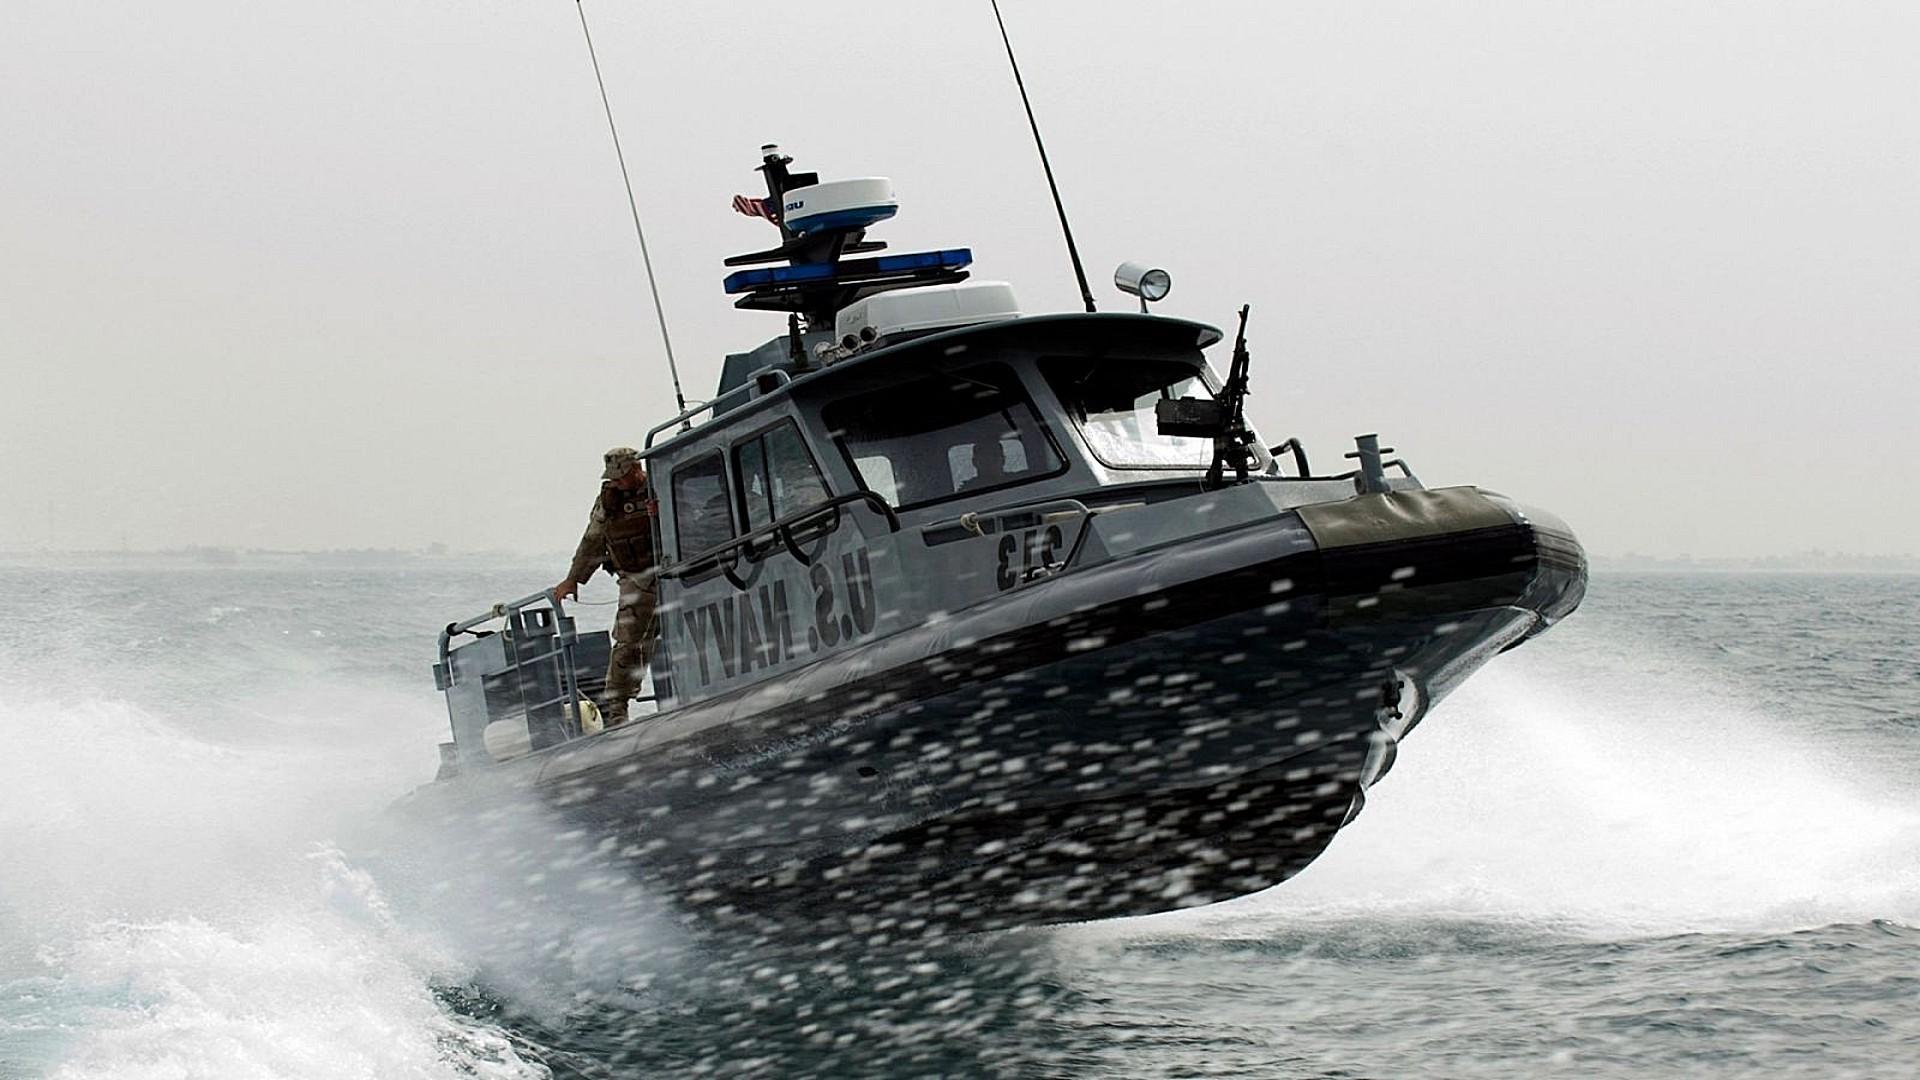 владелец военные катера фото и картинки компании позволяют